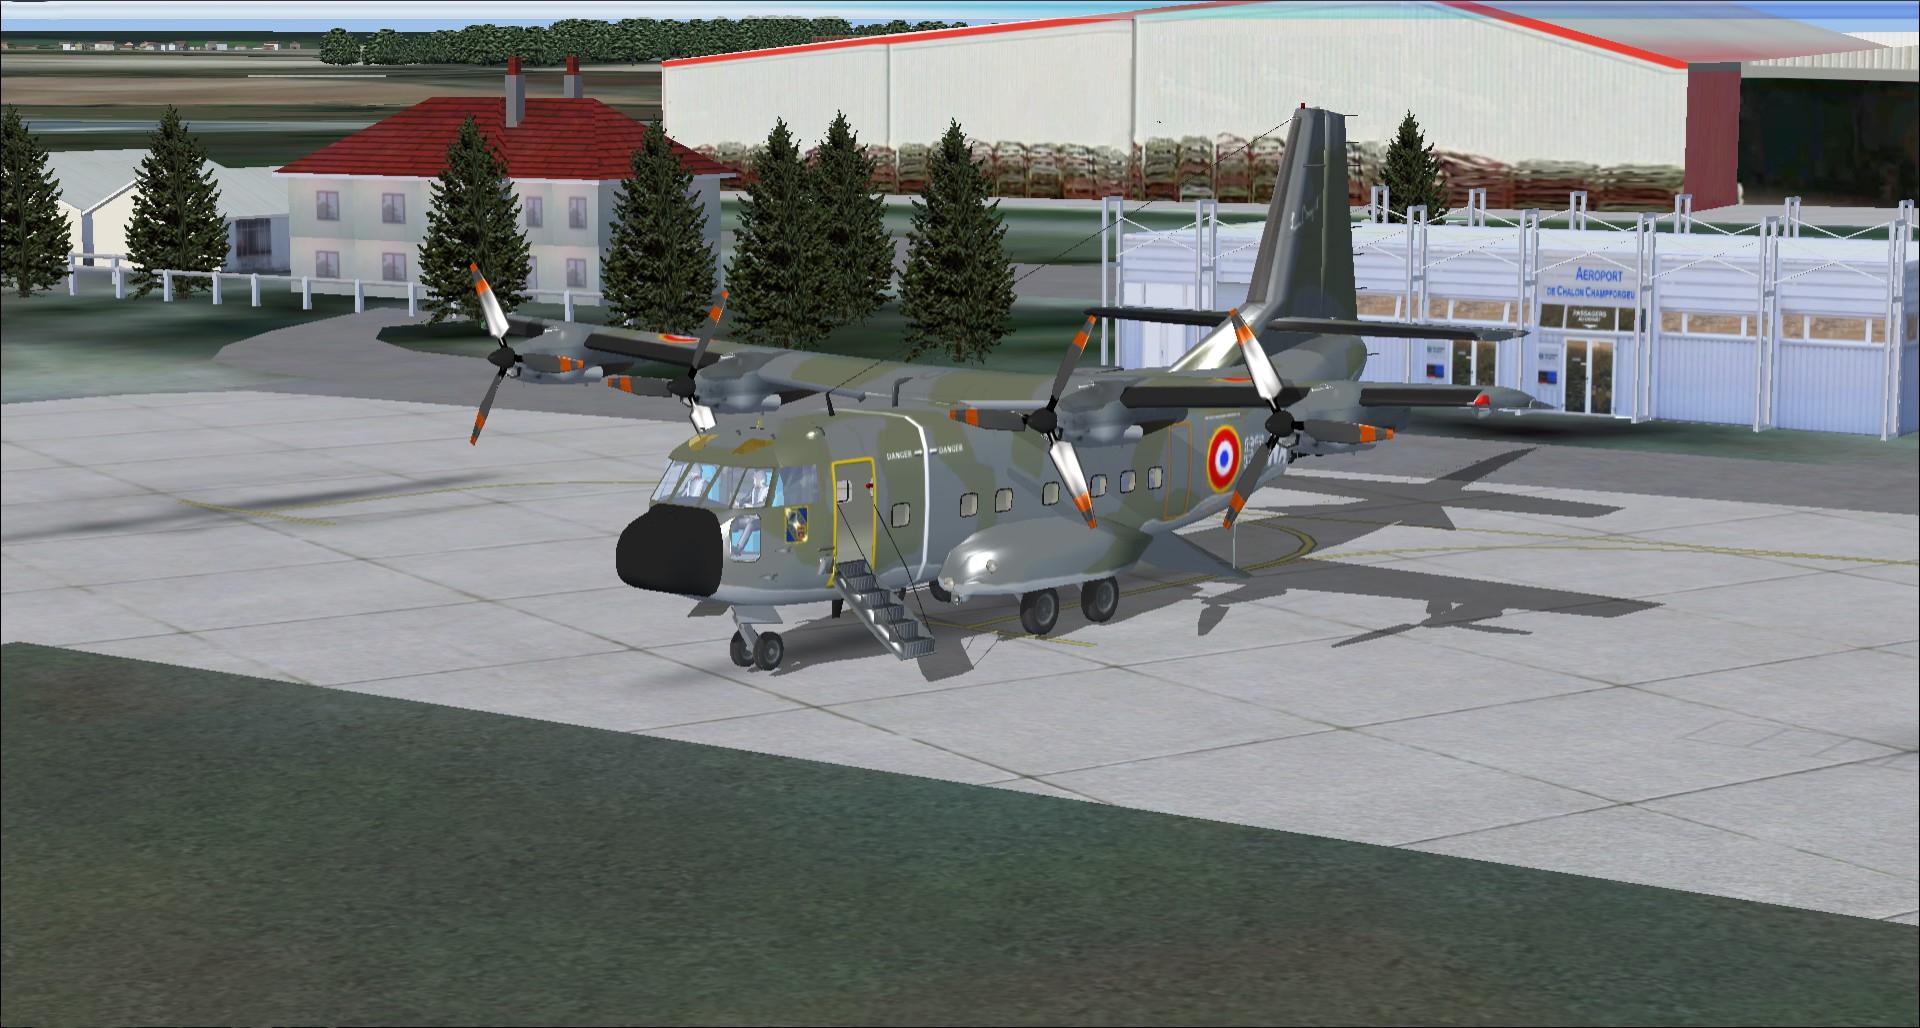 Bréguet 941S LFLH